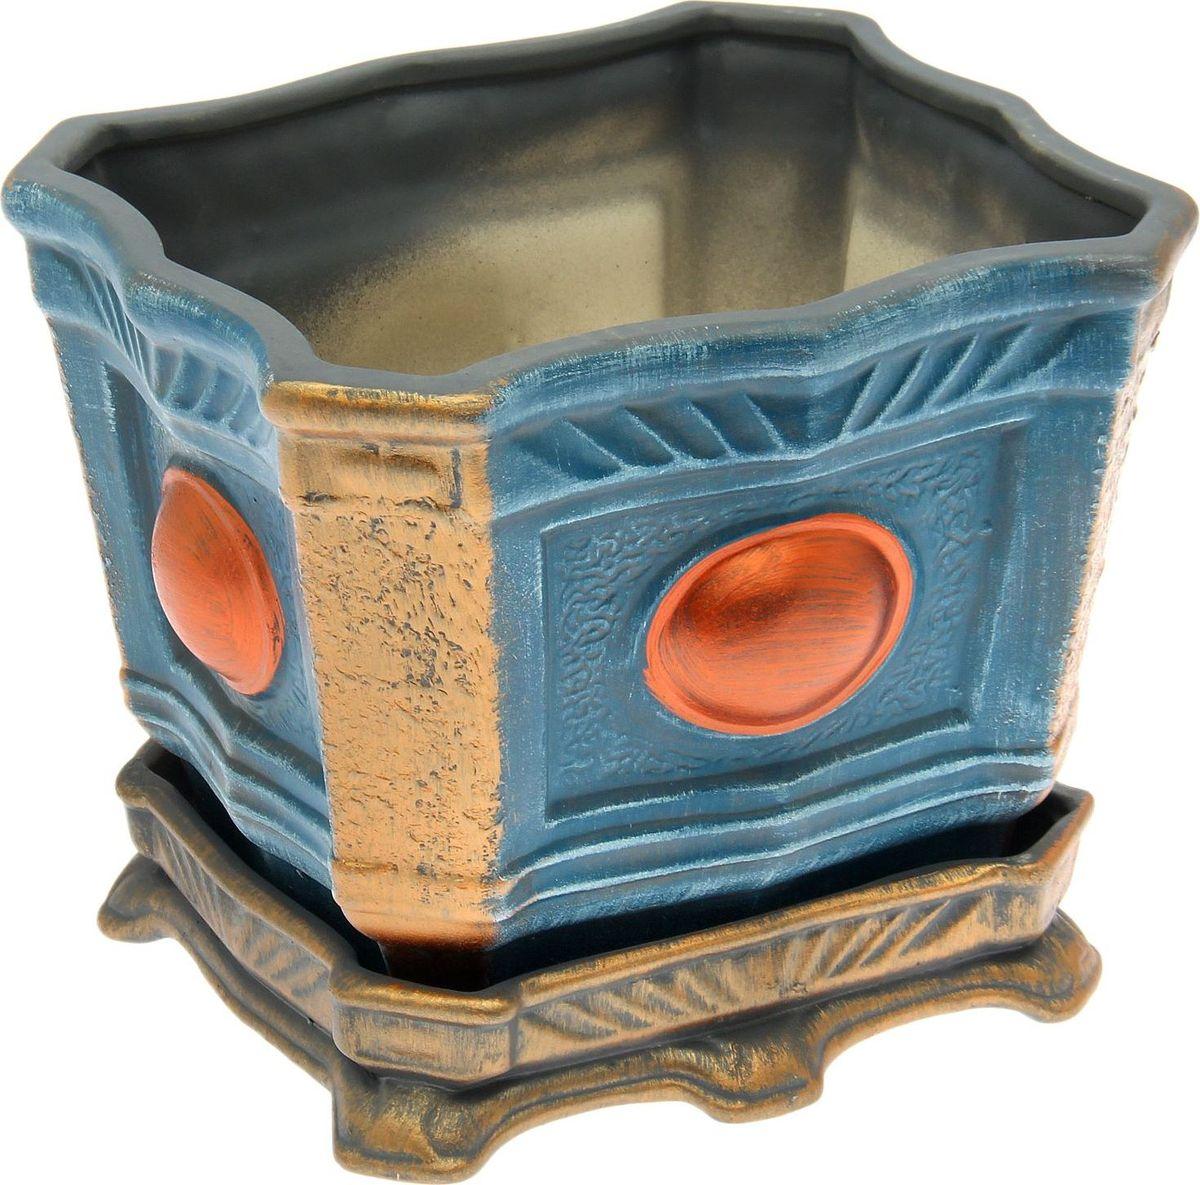 Кашпо Керамика ручной работы Квадрат, цвет: синий, 6 л144202Декоративное кашпо, выполненное из высококачественной керамики, предназначено для посадки декоративных растений и станет прекрасным украшением для дома. Пористый материал позволяет испаряться лишней влаге, а воздух, необходимый для дыхания корней, проникает сквозь керамические стенки. Такое кашпо украсит окружающее пространство и подчеркнет его оригинальный стиль.